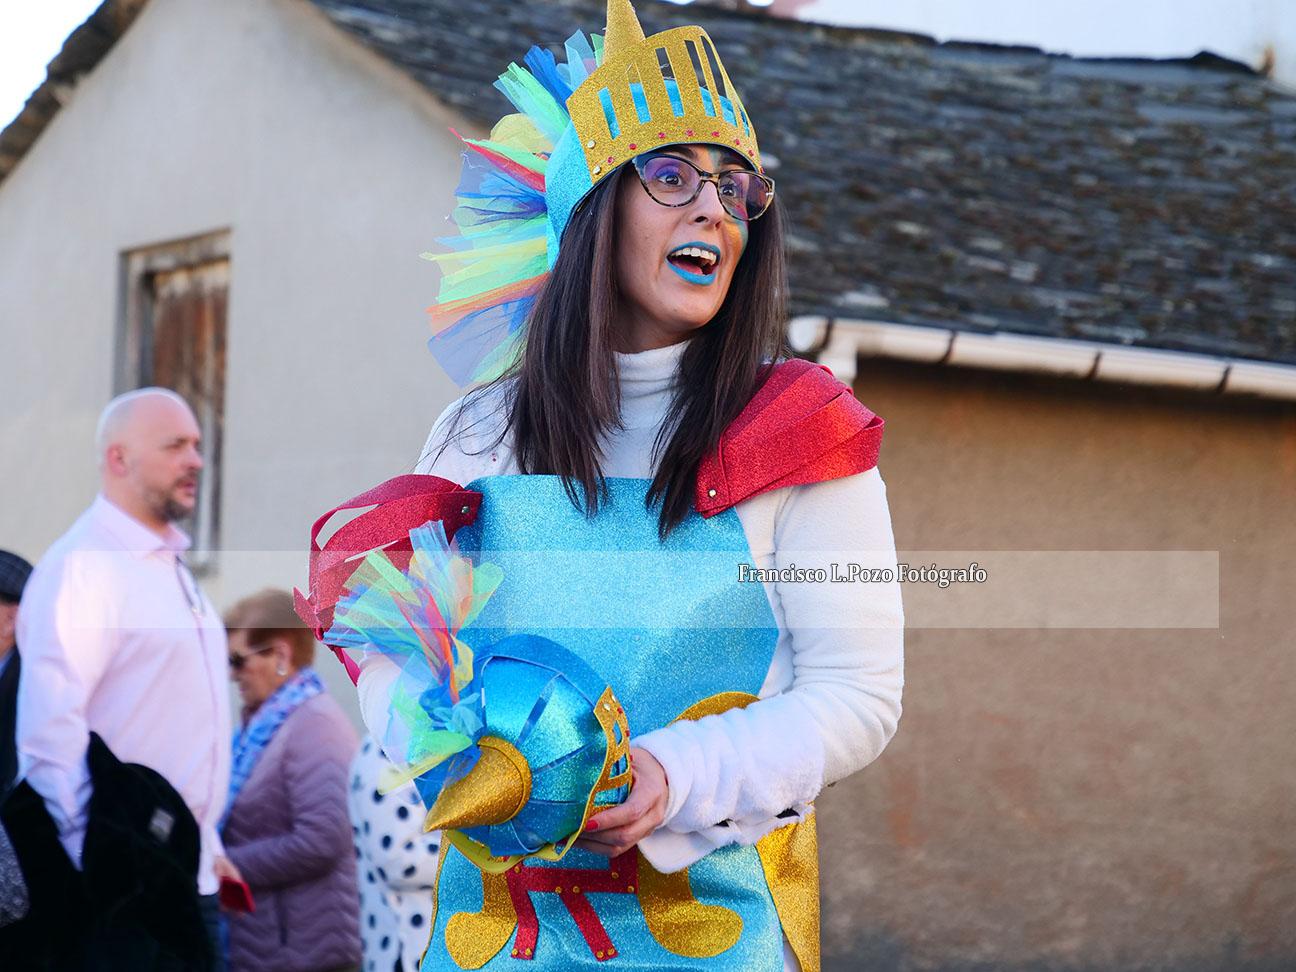 Carnaval 2020: Camponaraya sale a la calle a ritmo de comparsa 69